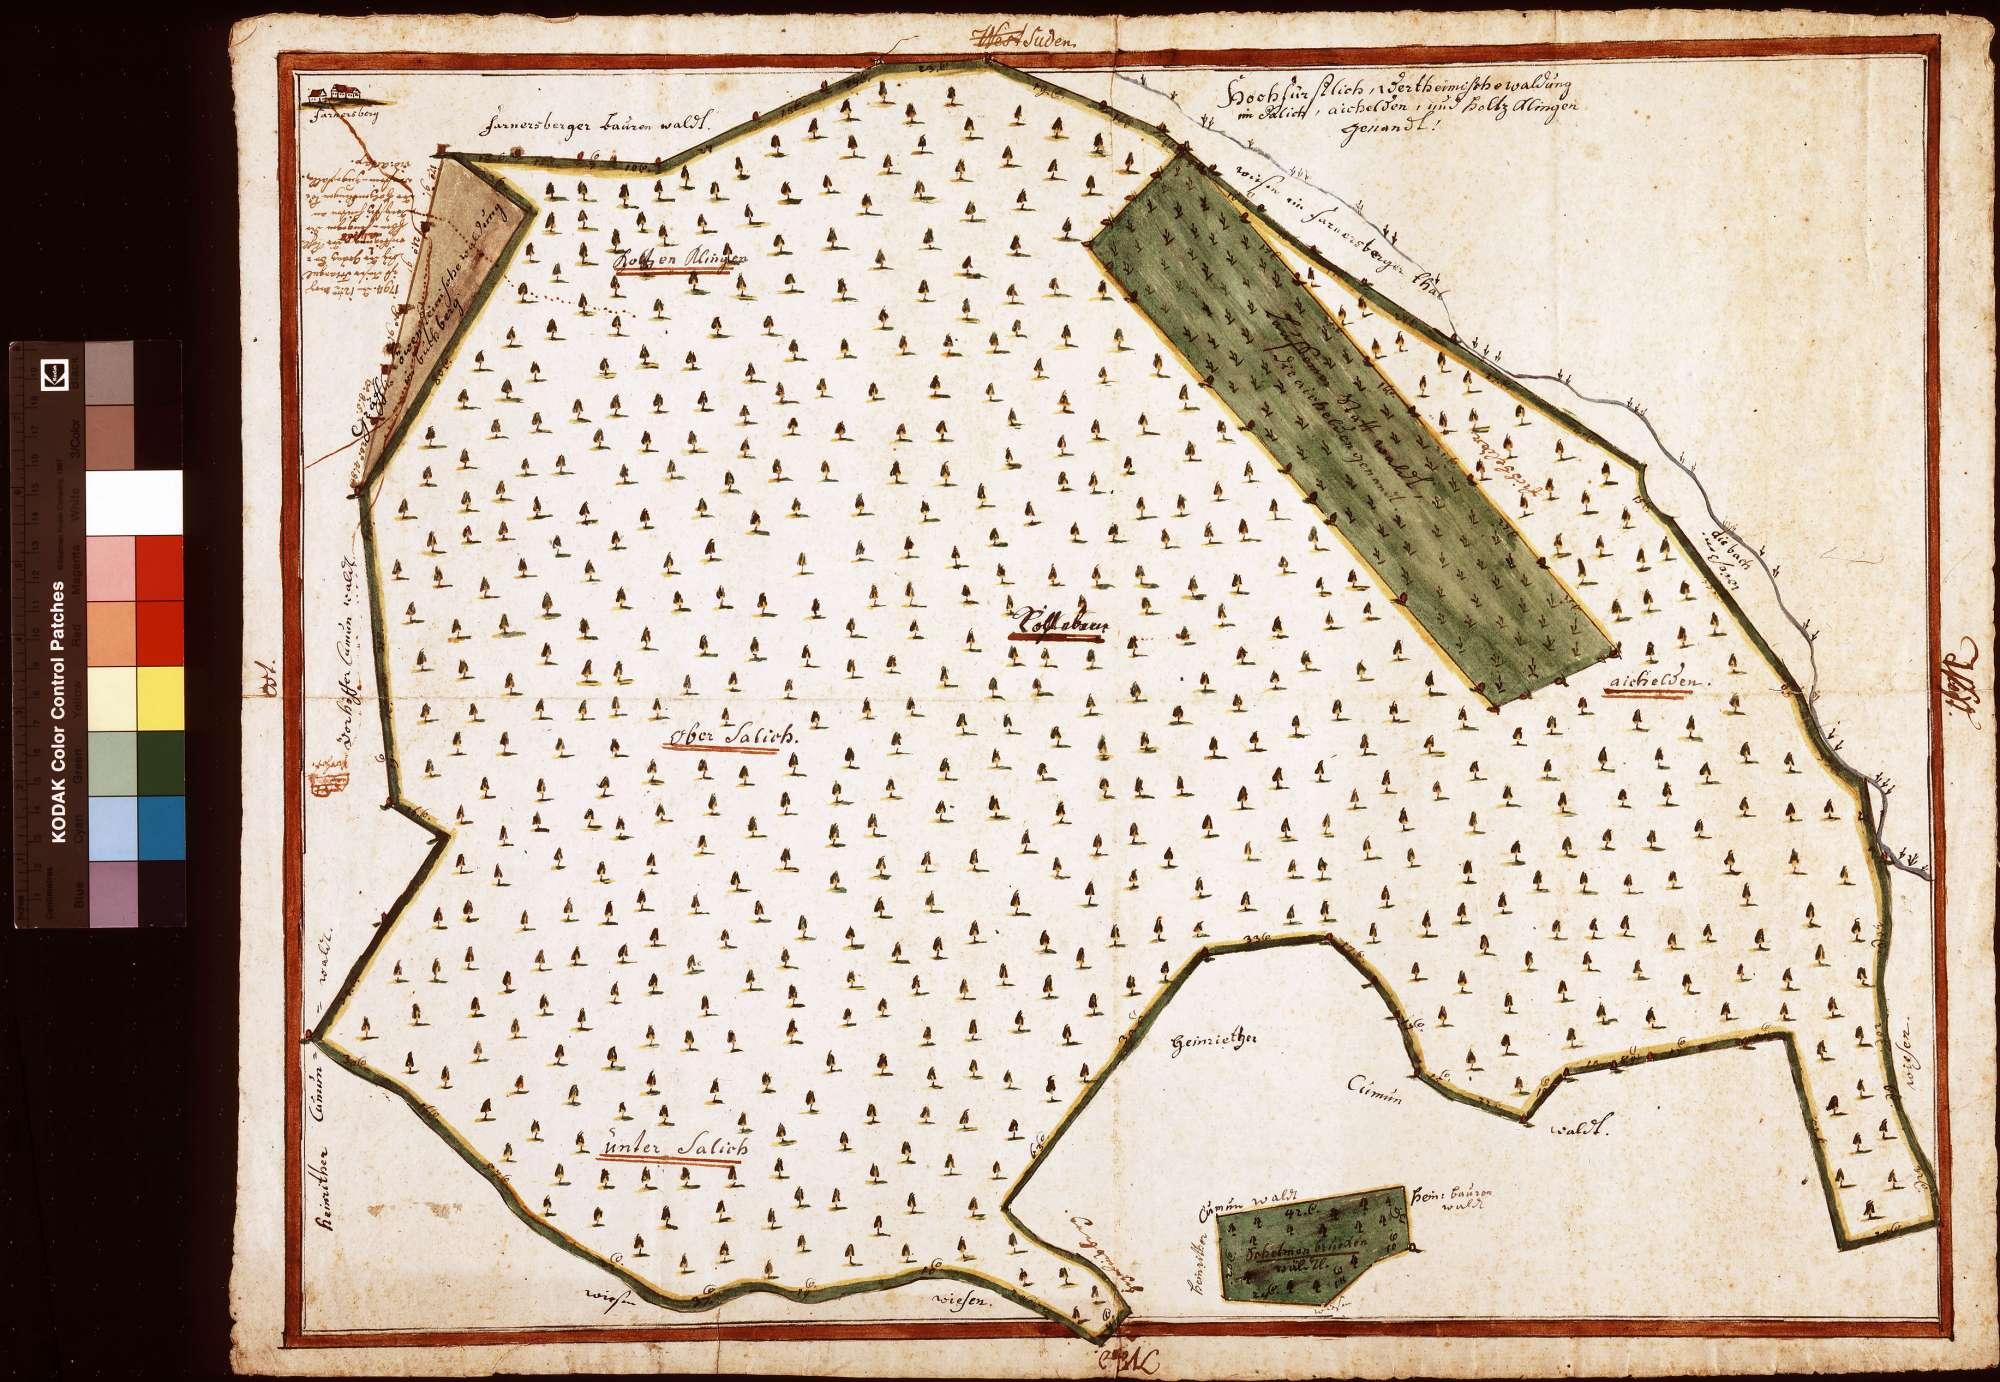 Saalig (Salich), Eichhalden (Aichelden) und Holzklingen (Inselkarte), Bild 1